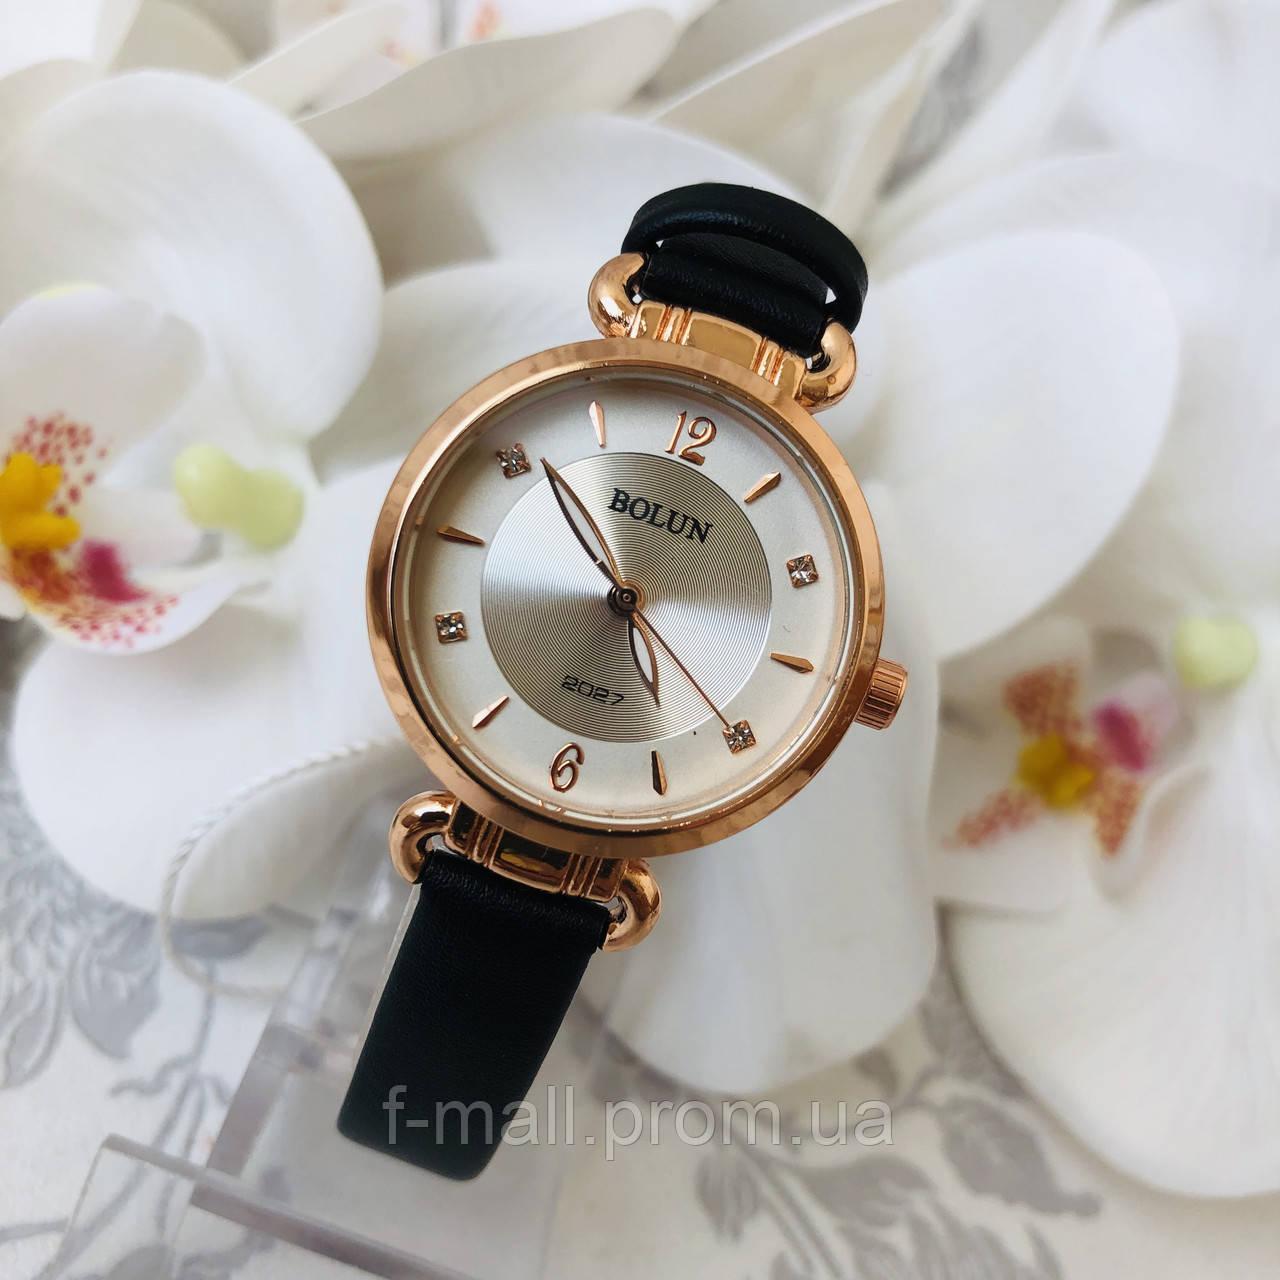 Женские наручные часы Bolun кварцевые (BN21)